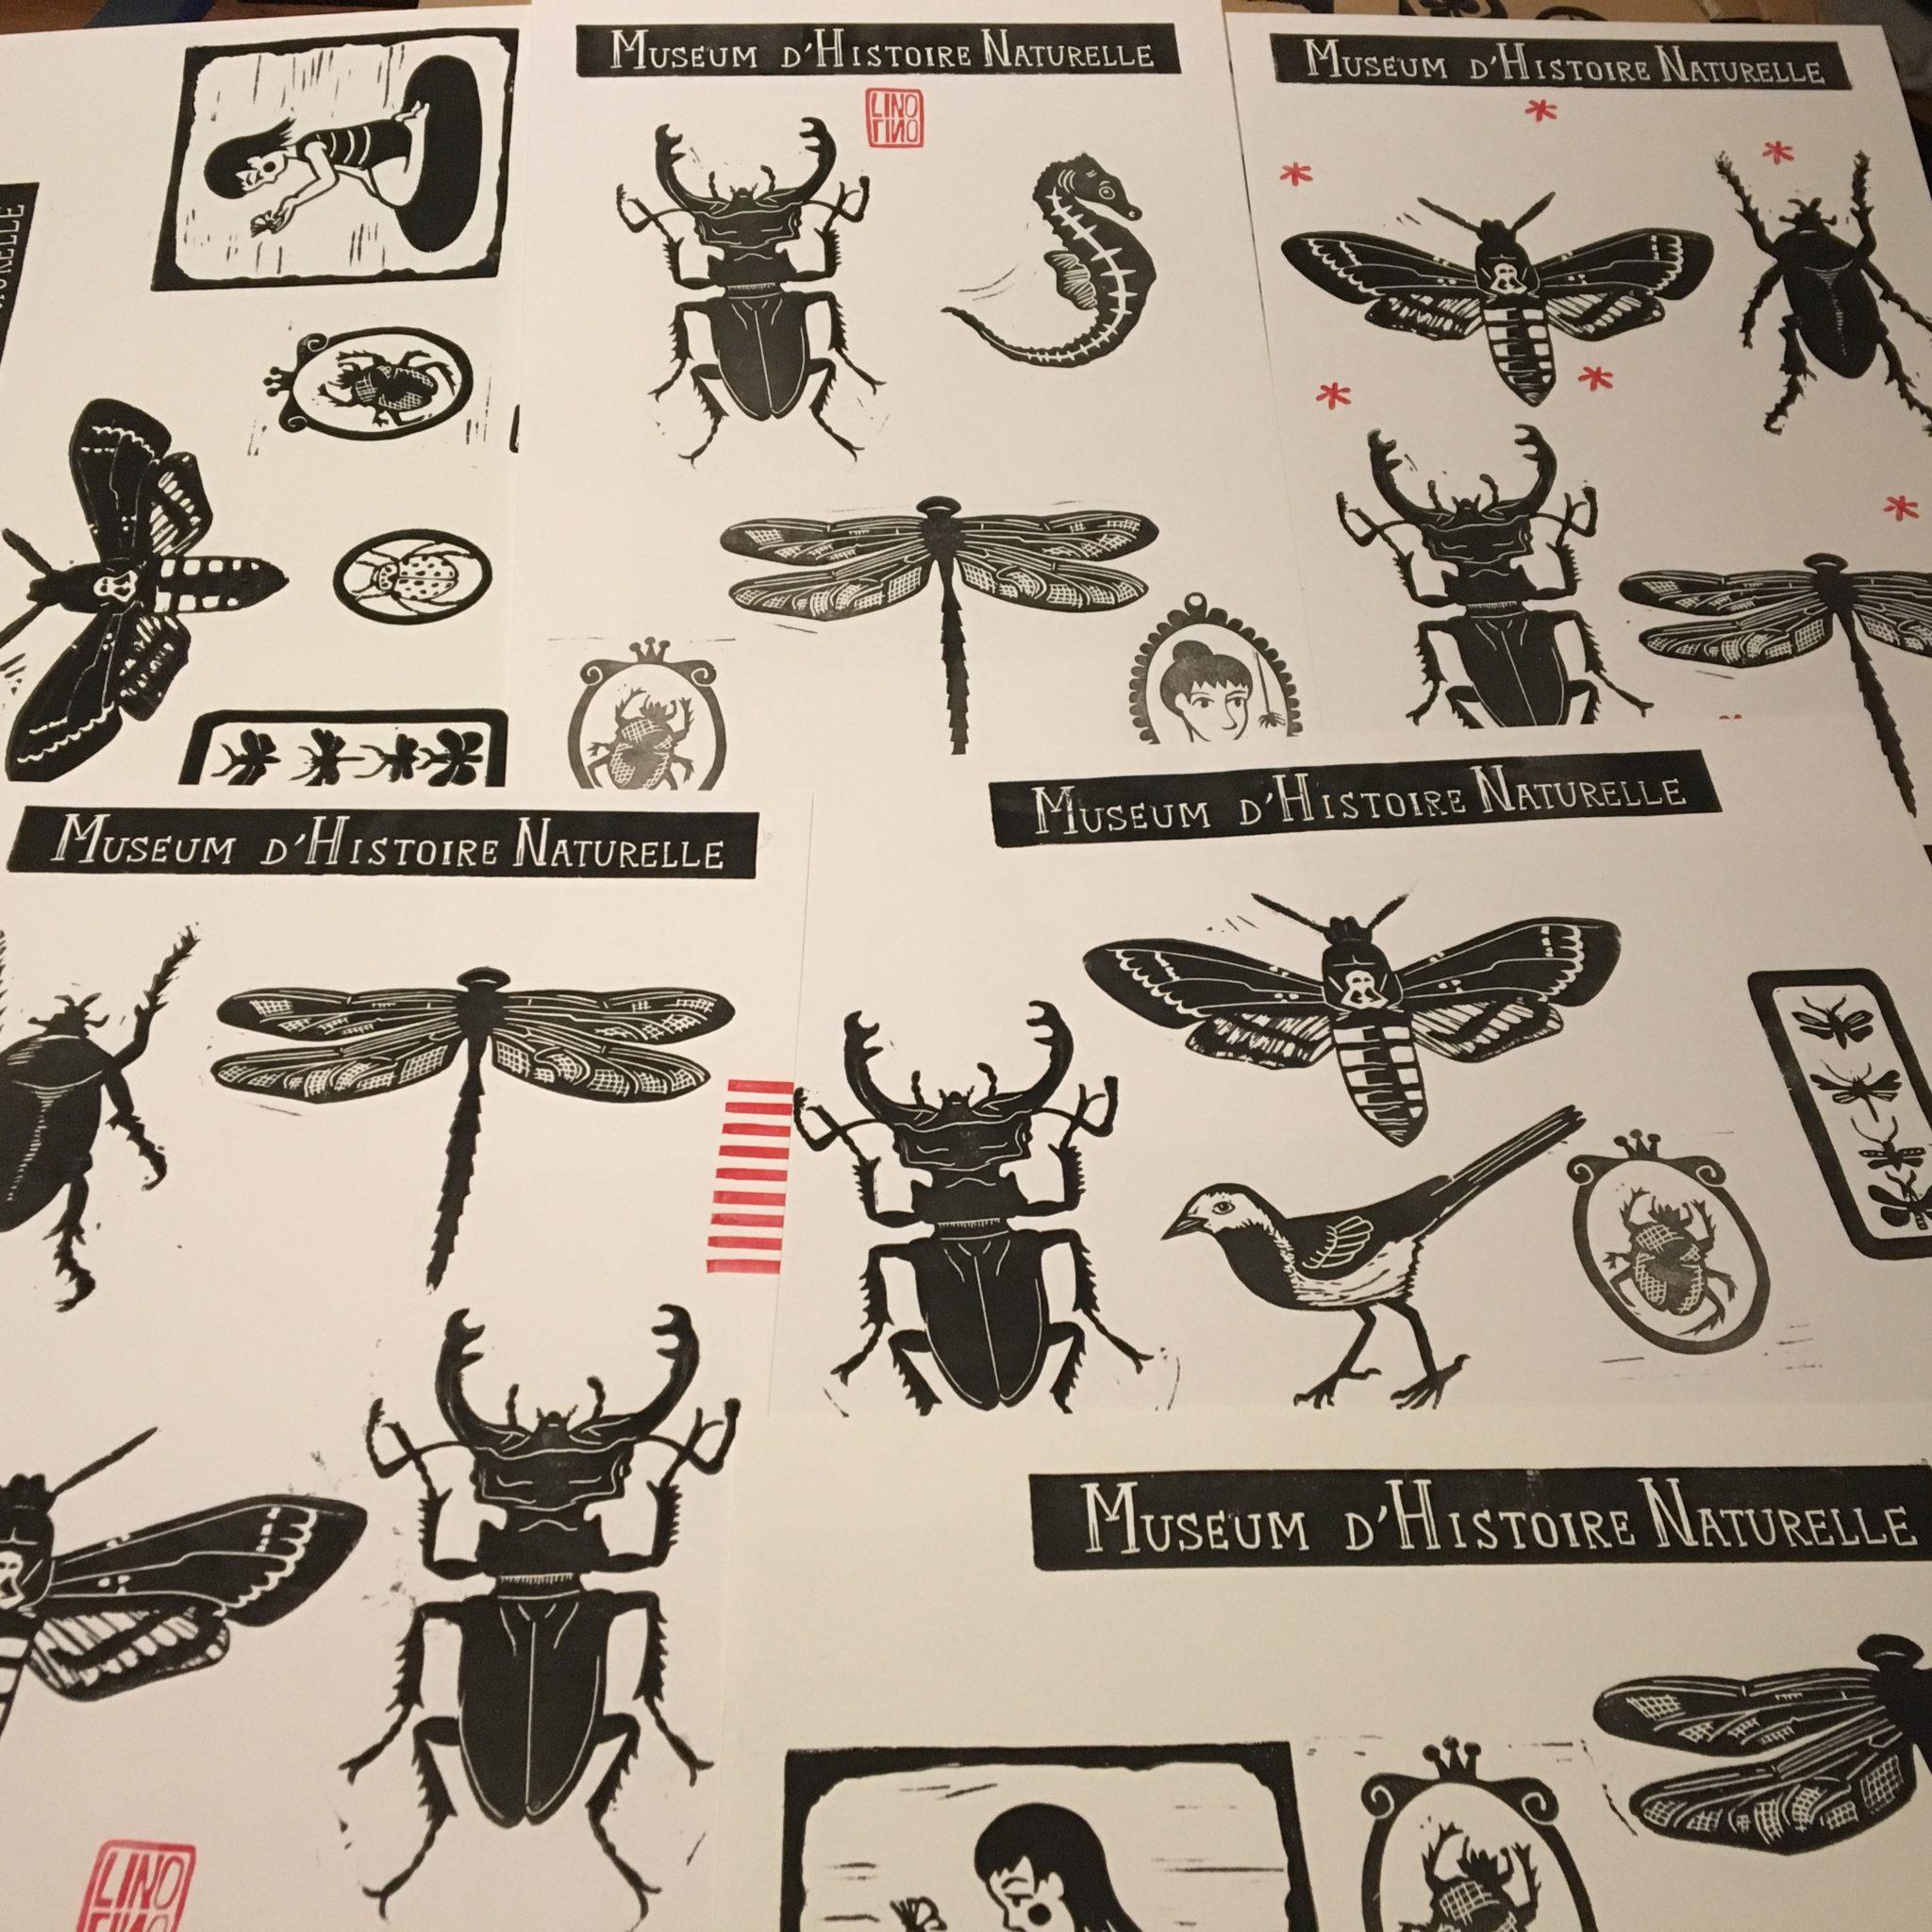 LinoLino | Linogravure et créations à partir d'impressions artisanales | Chambéry, France | Atelier linogravure reliure carnet Museum Histoire Naturelle Chambéry mai 2020